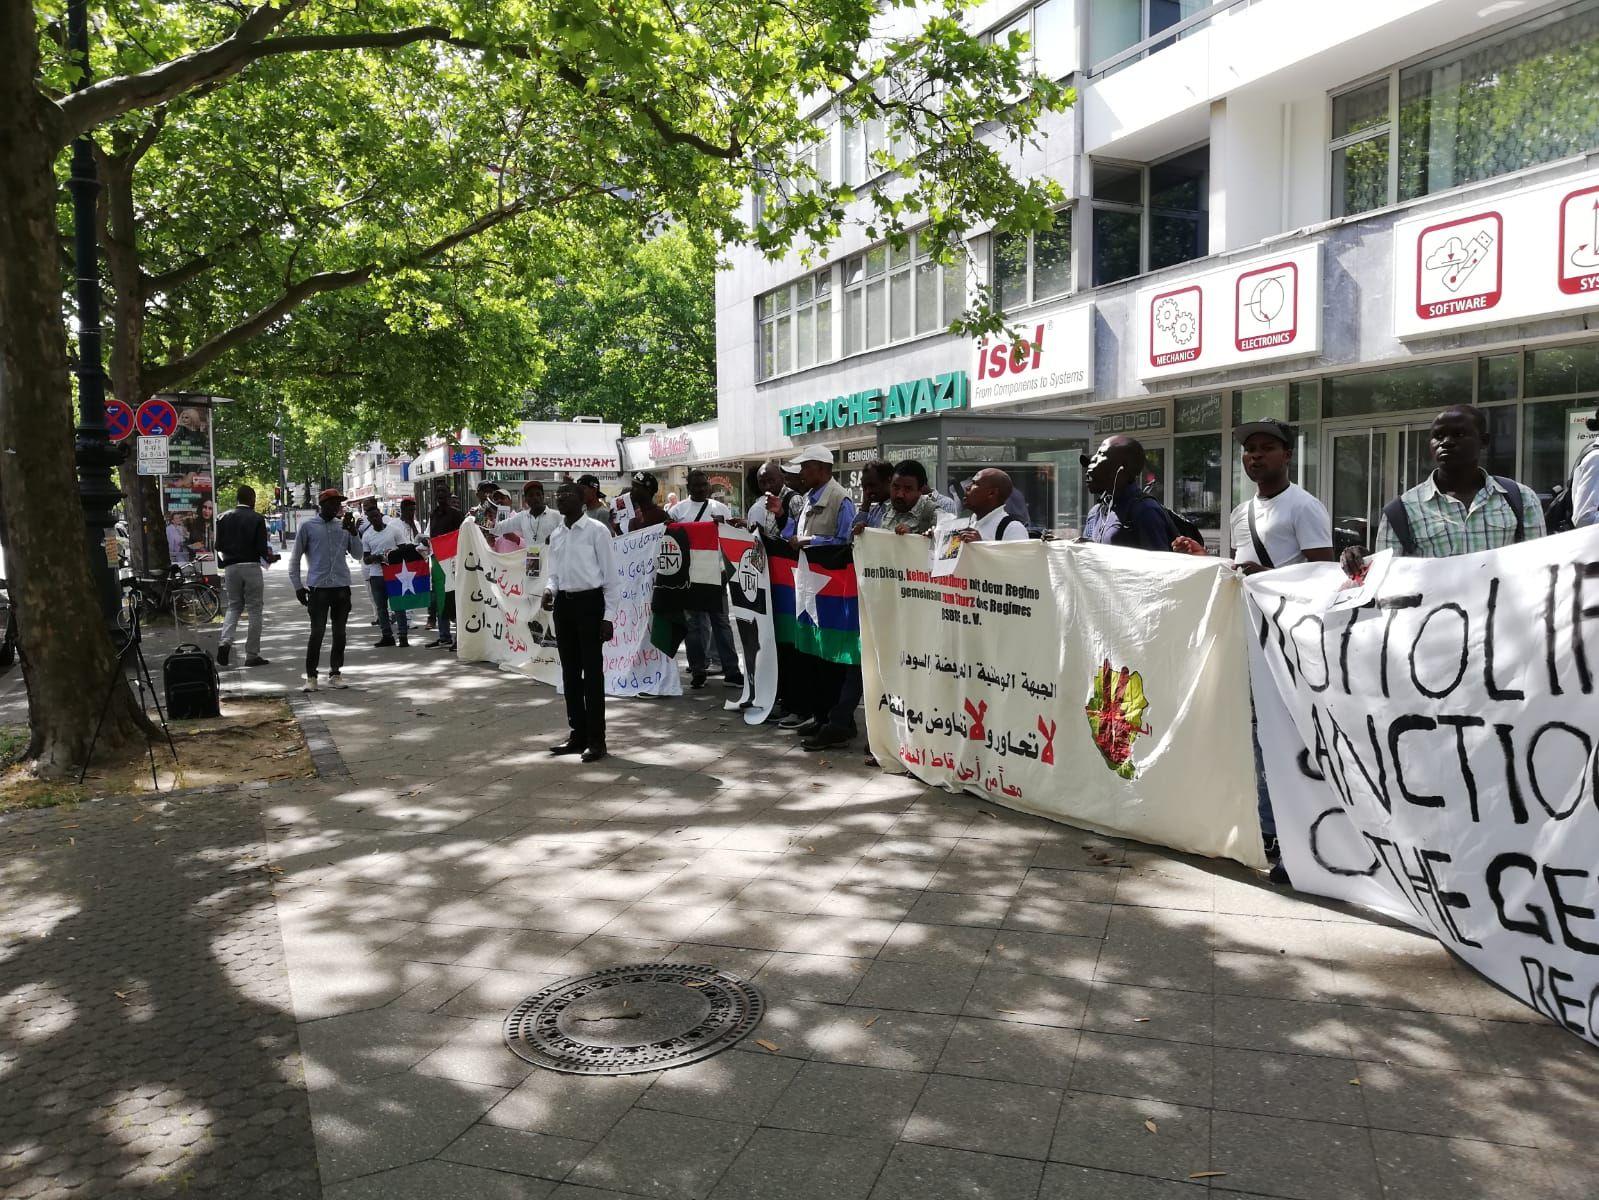 مظاهرة قوي المعارضة السودانية بالمانيا امام سفارة السودان / برلين